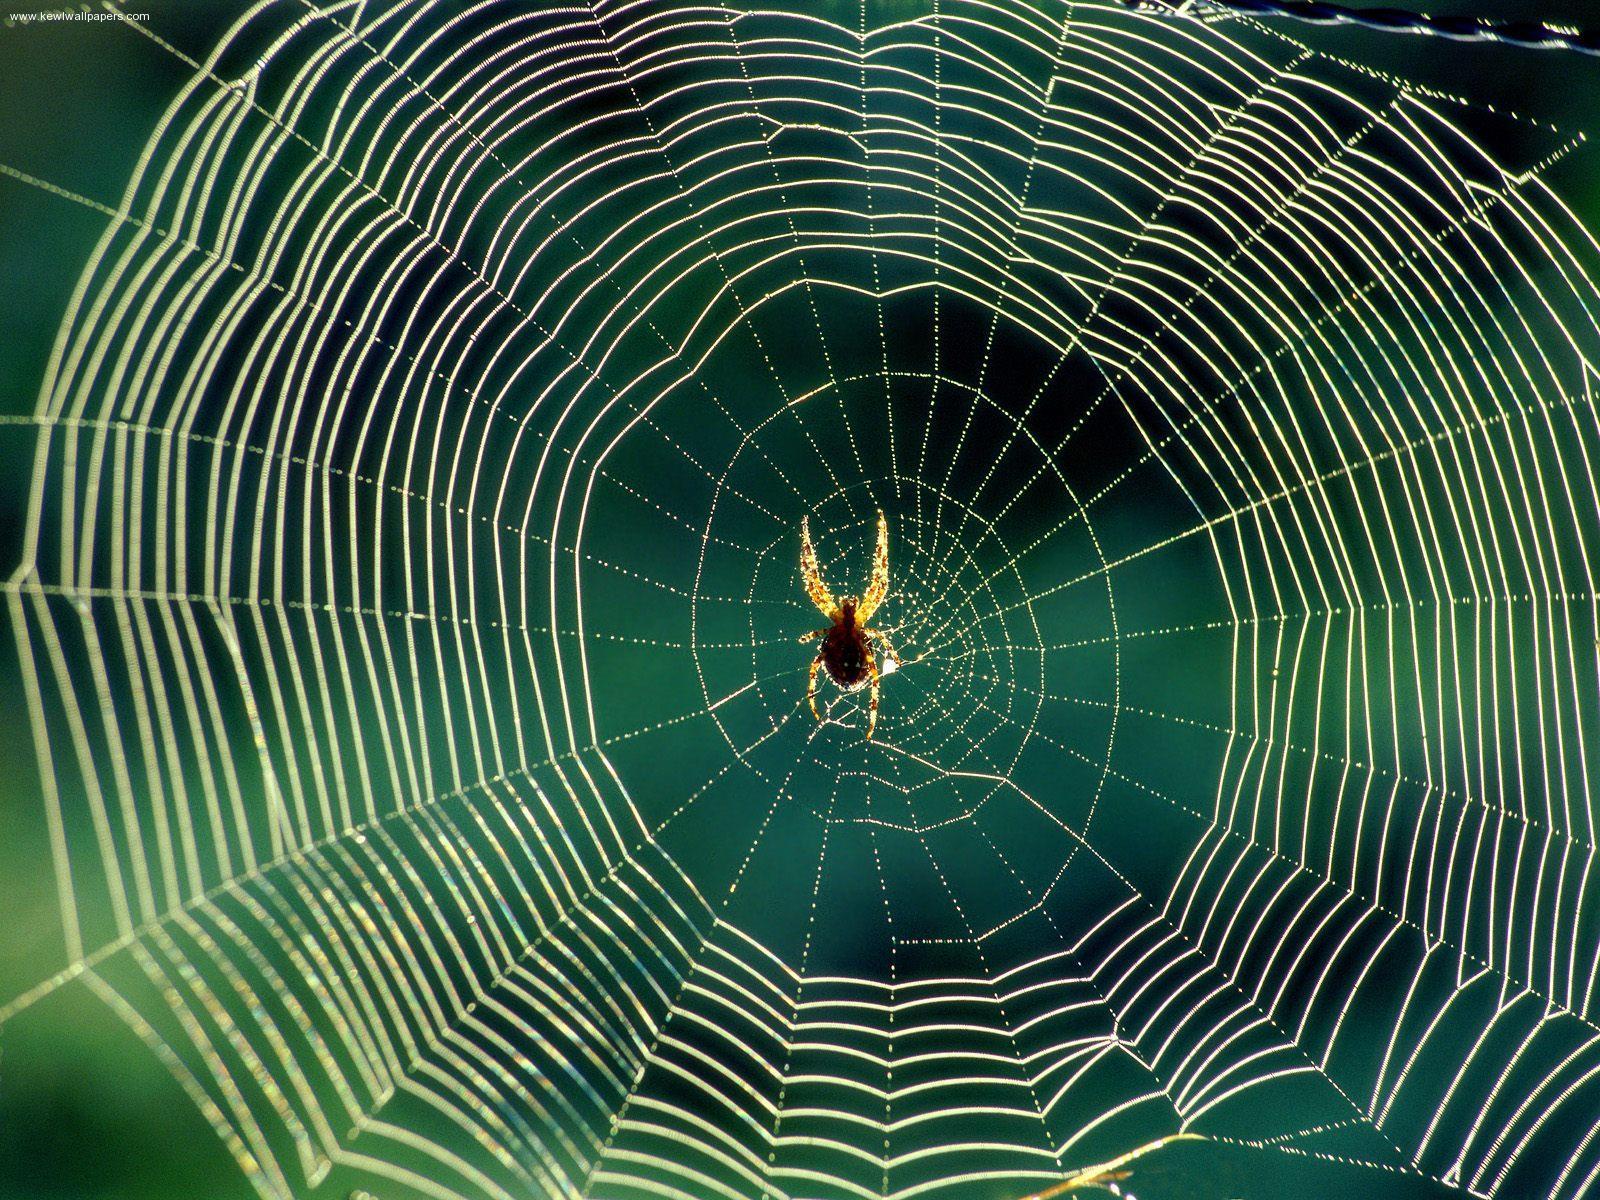 spider-web-1.jpg